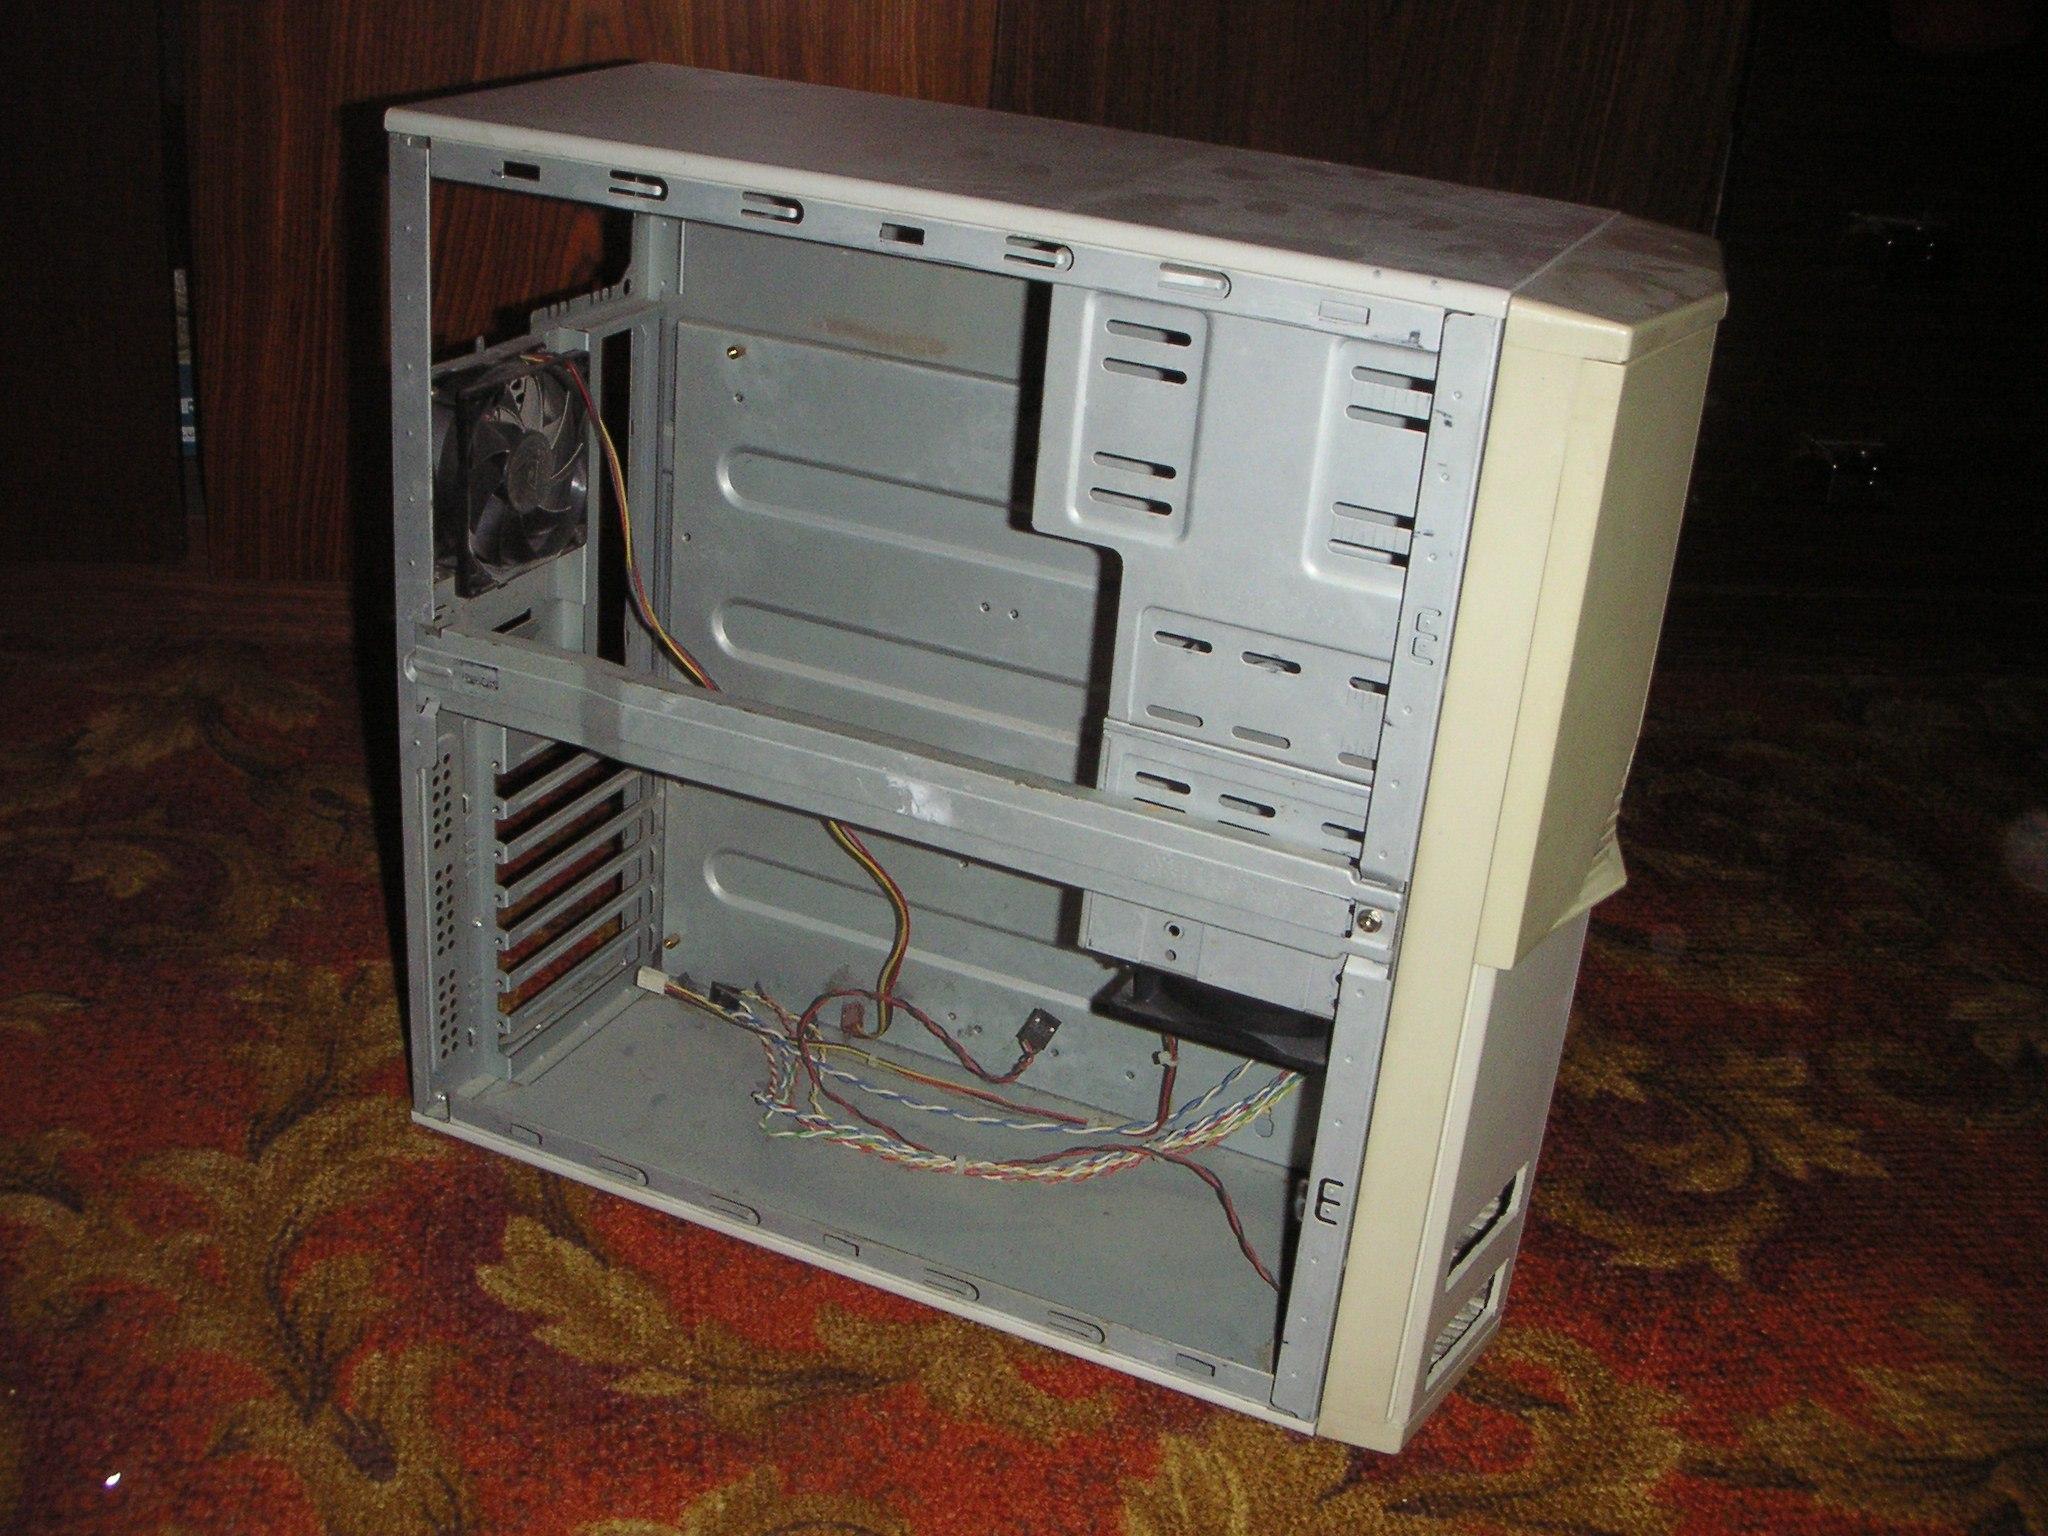 https://pp.userapi.com/c638624/v638624625/2842c/OQpCxCN57jE.jpg